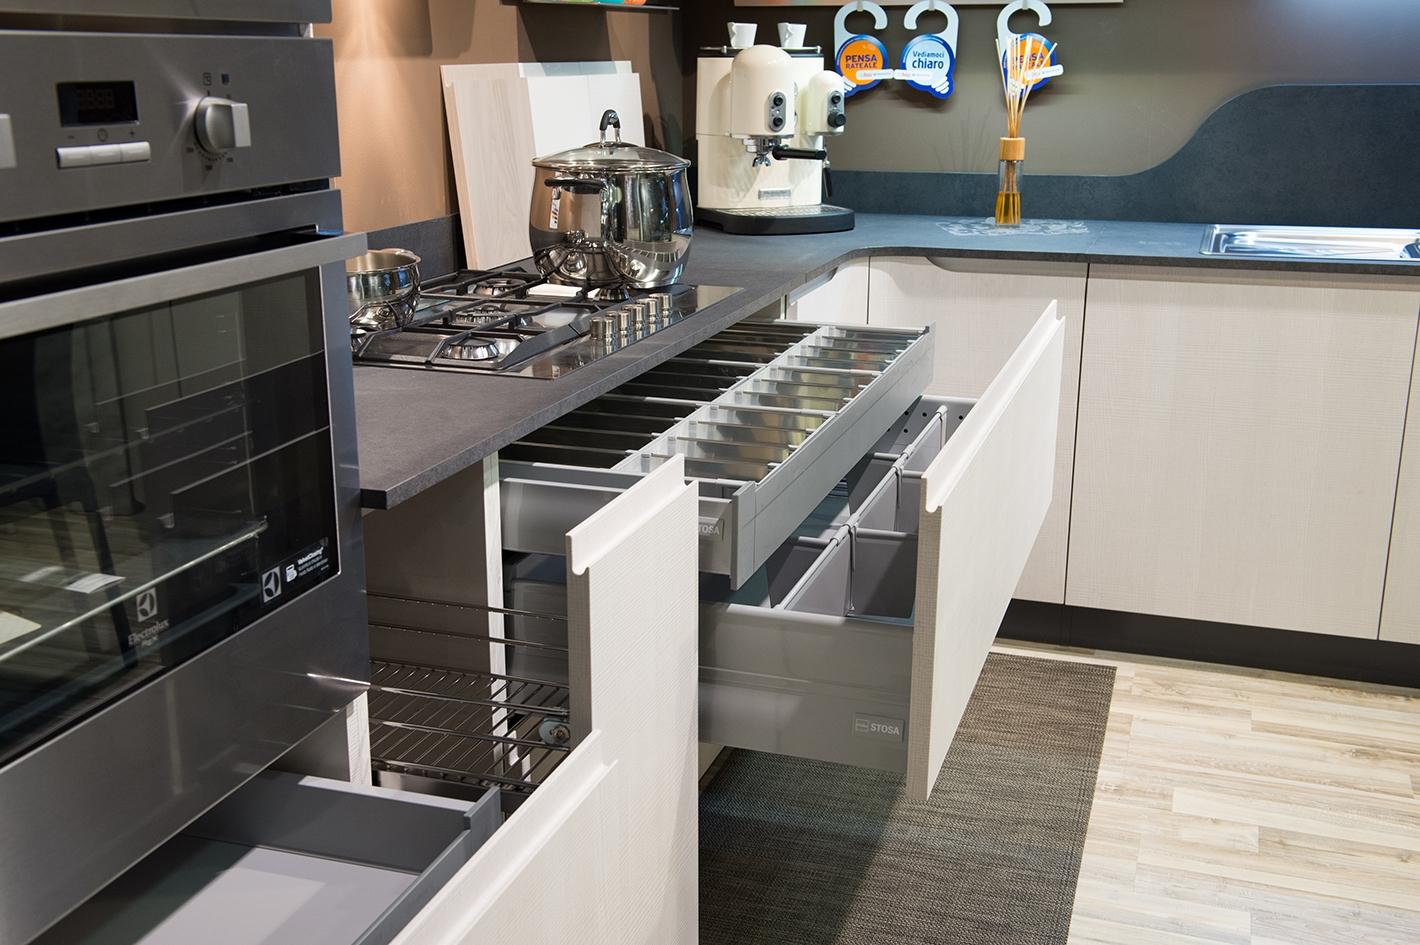 Cucina stosa mod bring completa di elettrodomestici 18688 for Cucina elettrodomestico